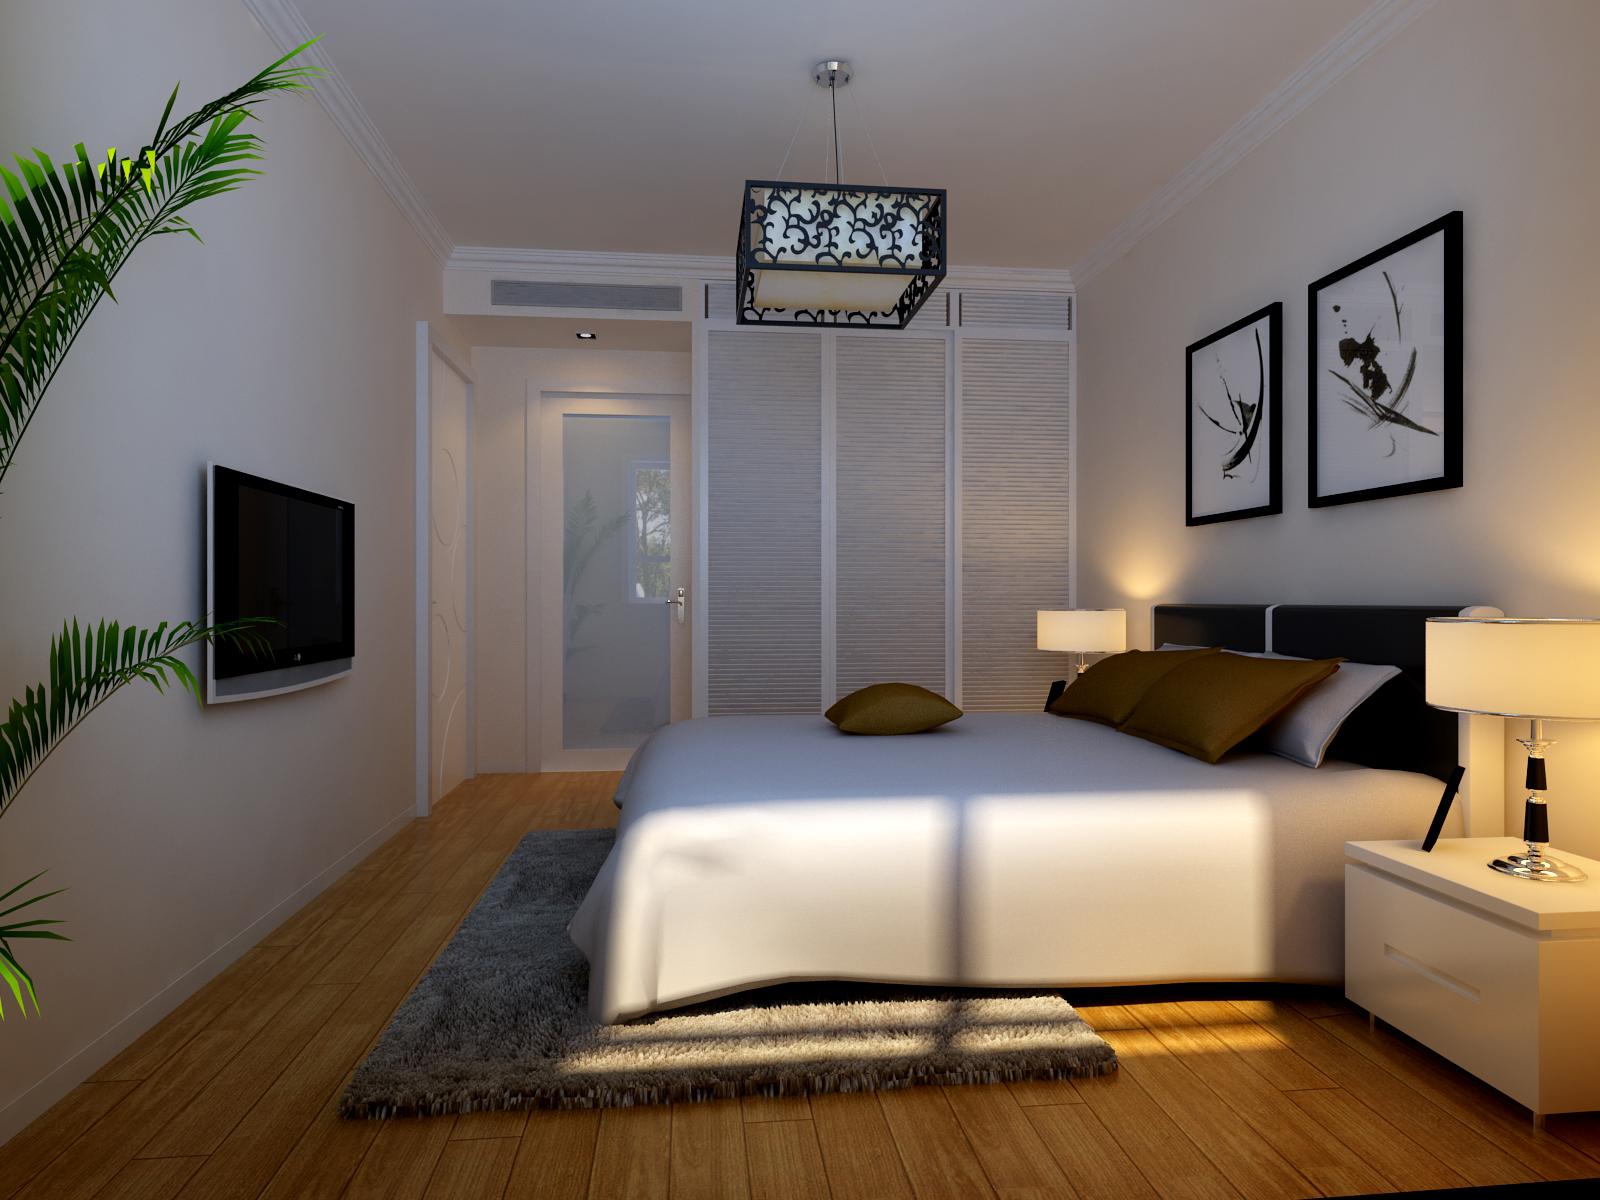 卧室图片来自今朝装饰小徐在中信城 70平现代简约风格的分享